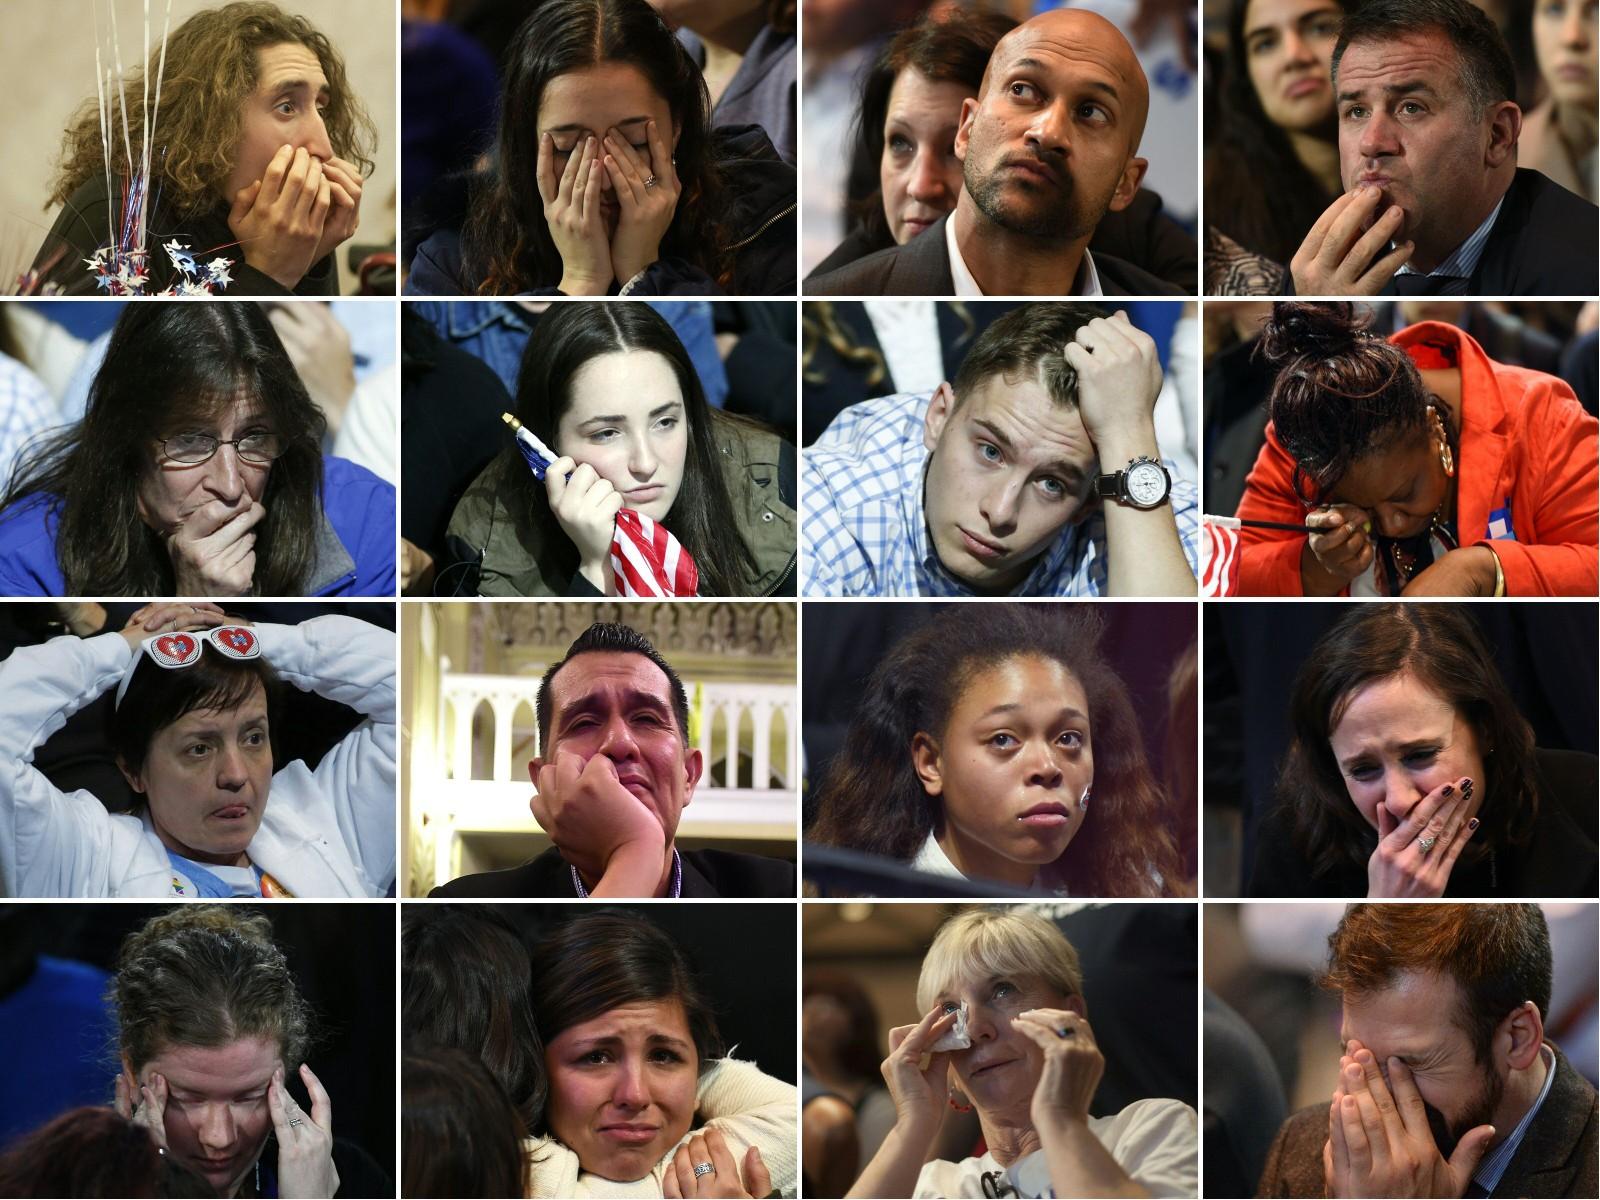 Tilhengere av Hillary Clinton reagerer når det begynner å bli klart at Donald Trump blir den neste presidenten.